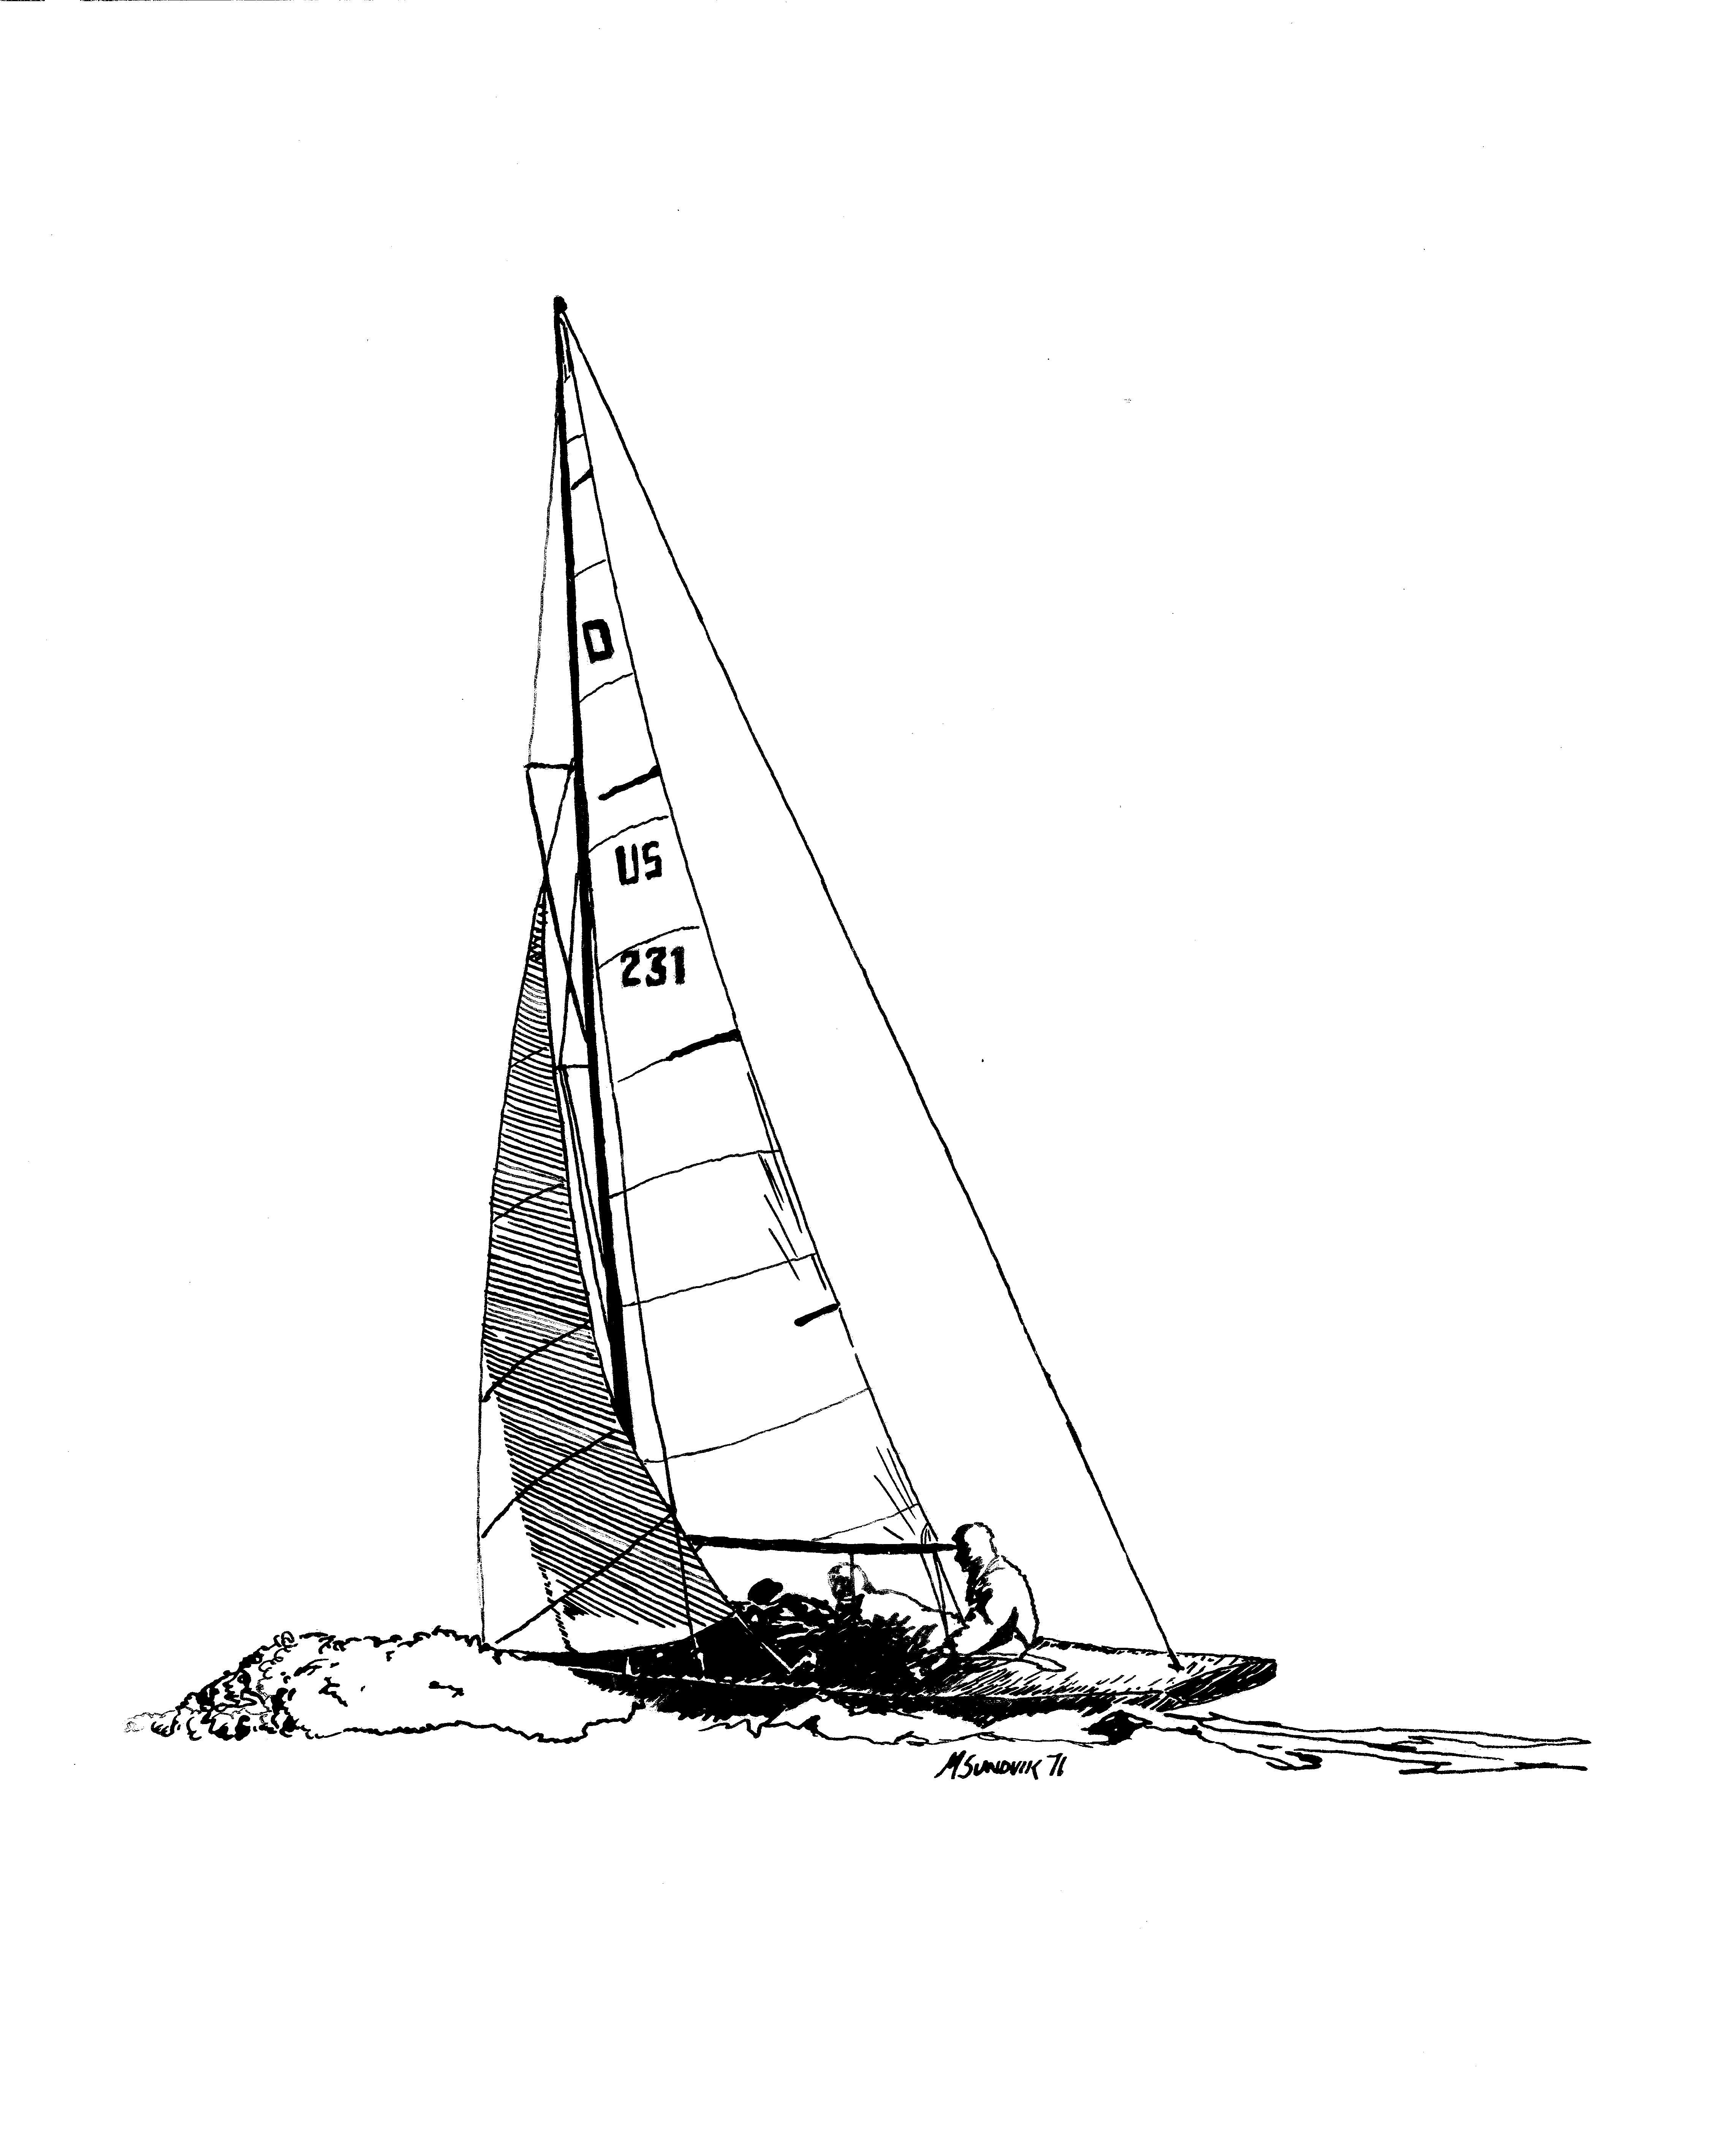 michael garr artwork dragon original drawing pen sailing art